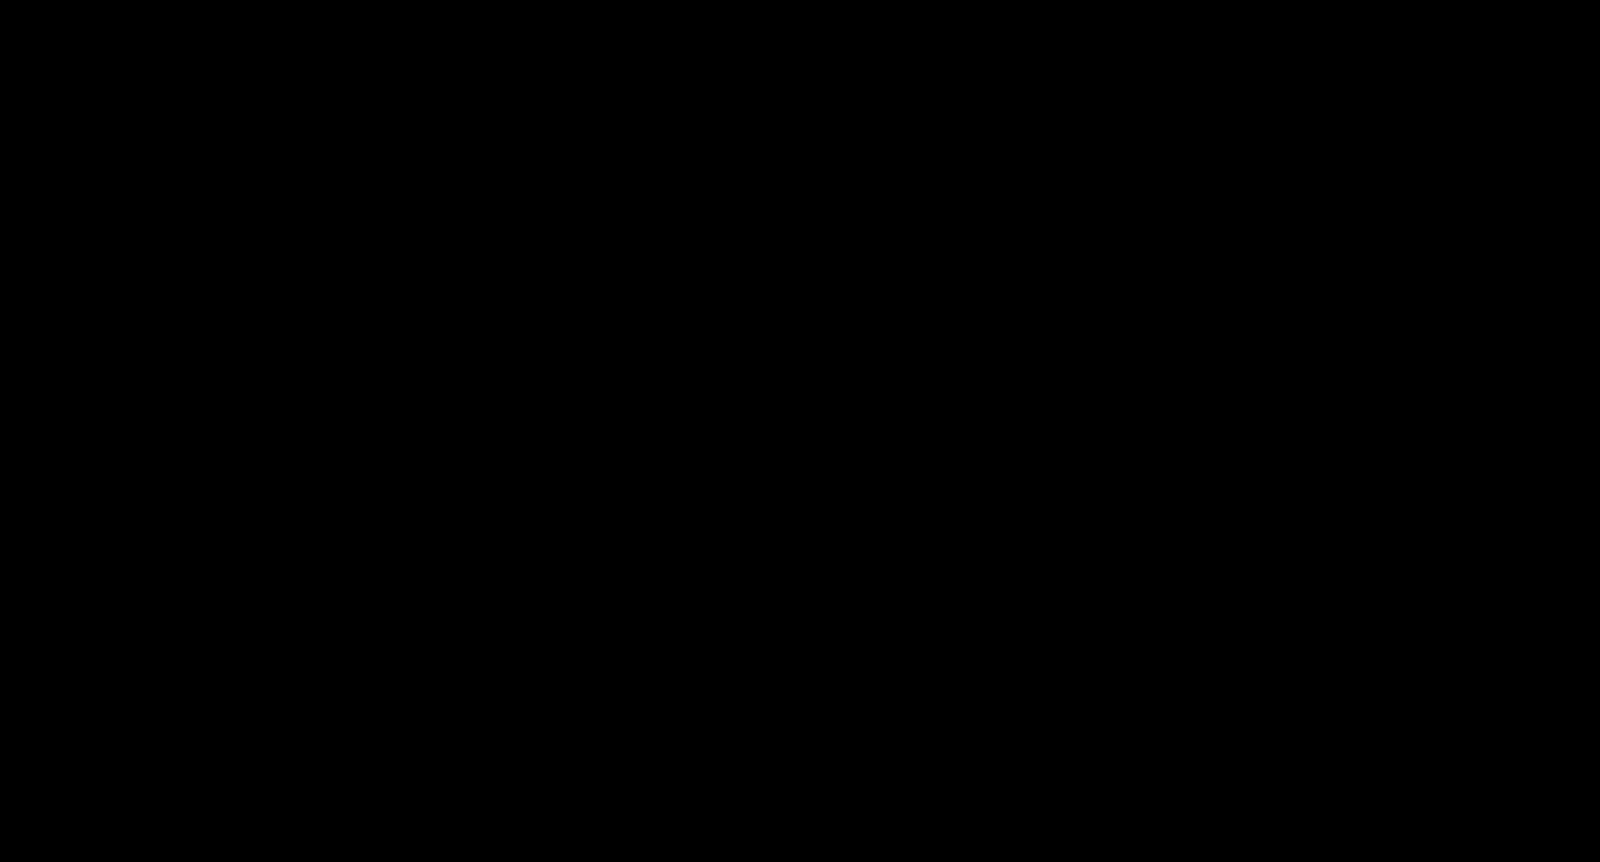 SiMの画像 p1_34